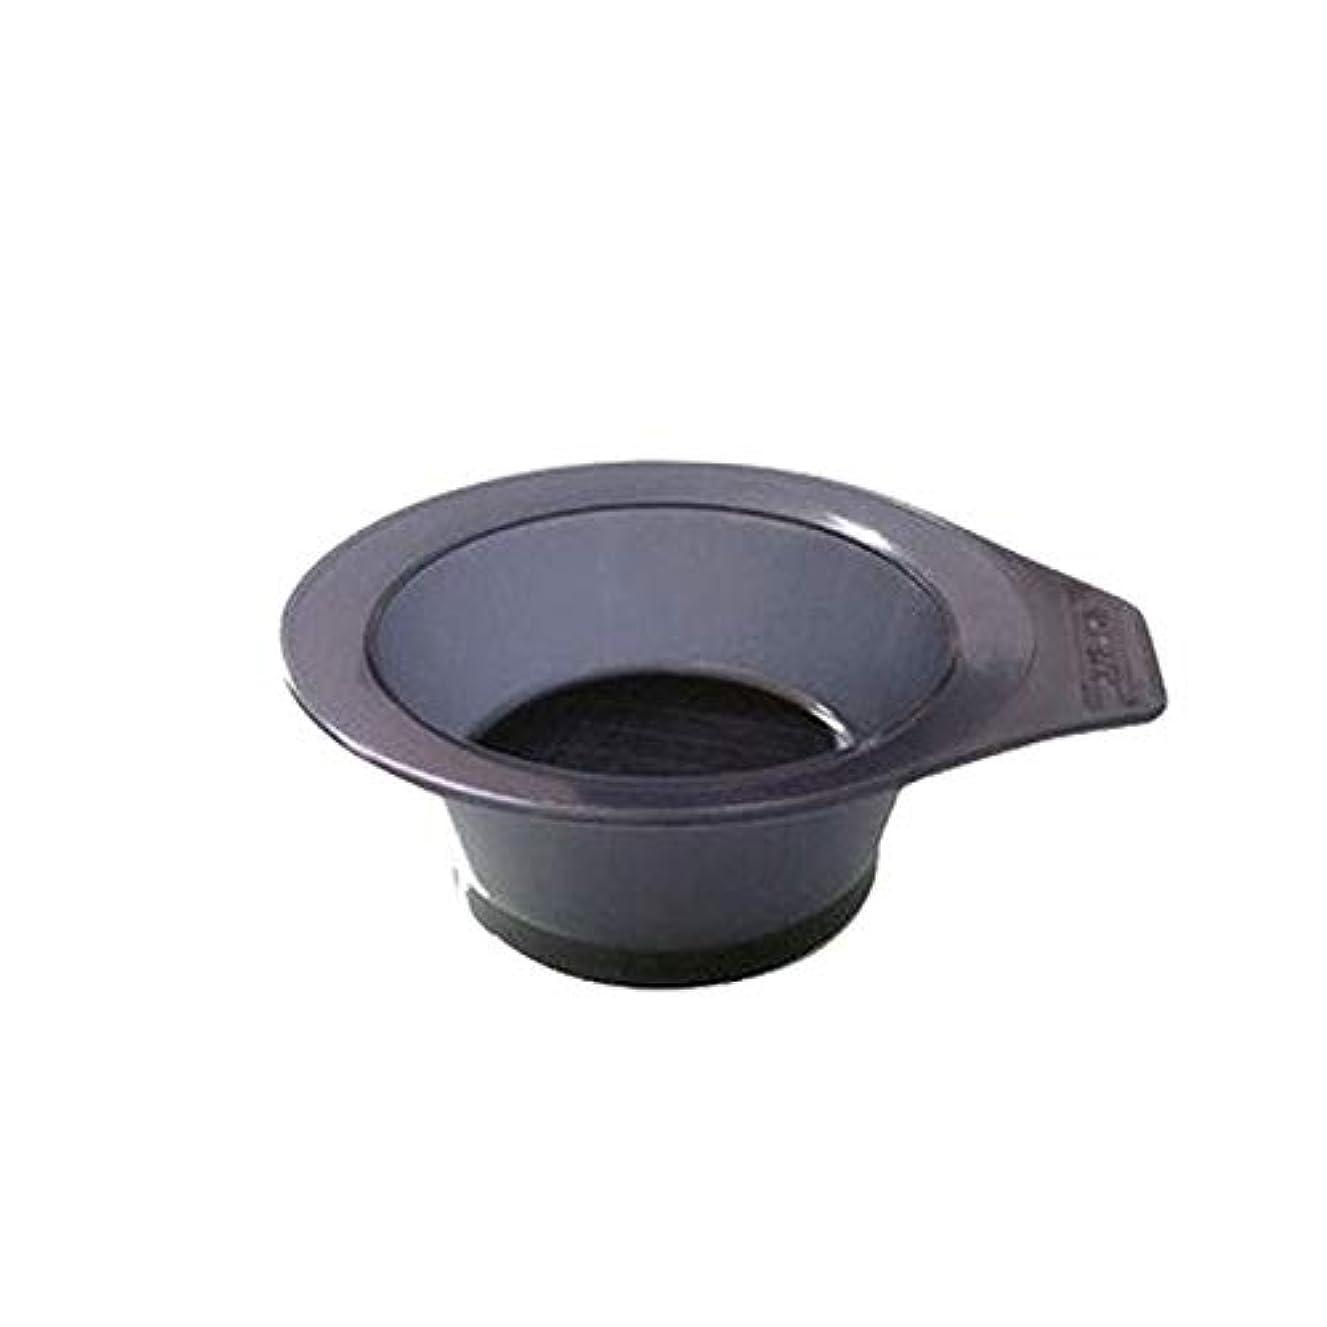 第四ゴミ箱を空にする苦行エバーメイト カラーリングカップ